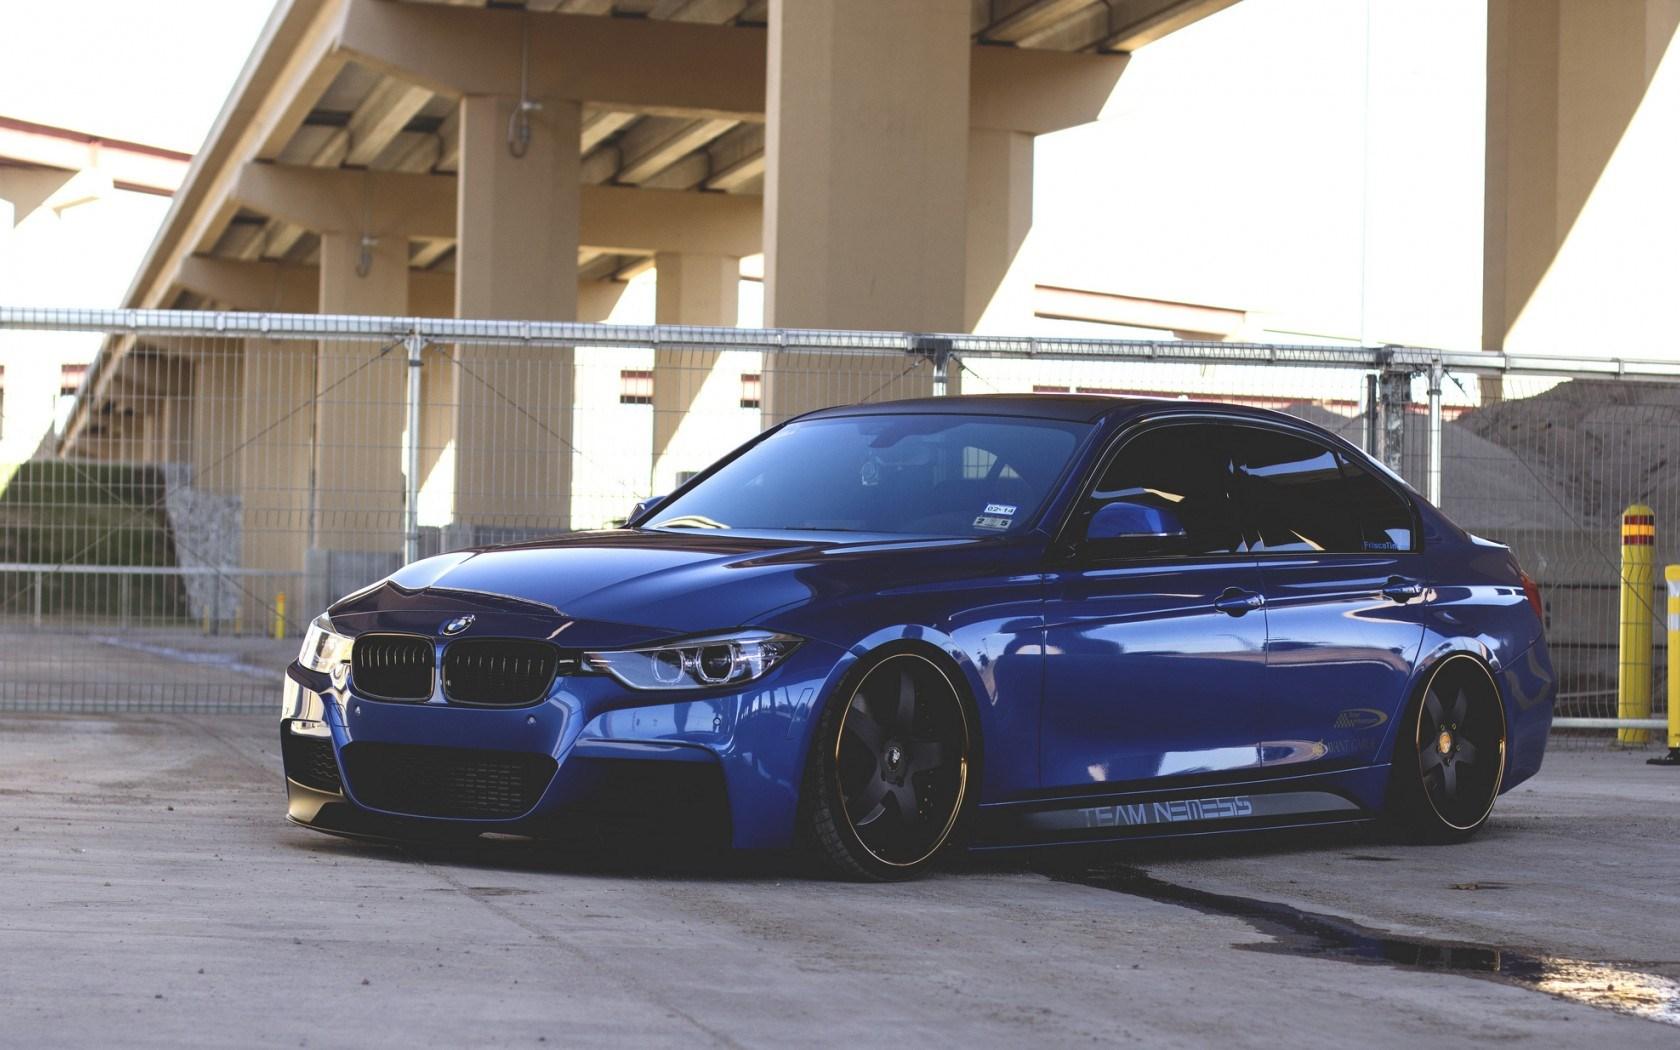 BMW 335i Car Wheels Tuning